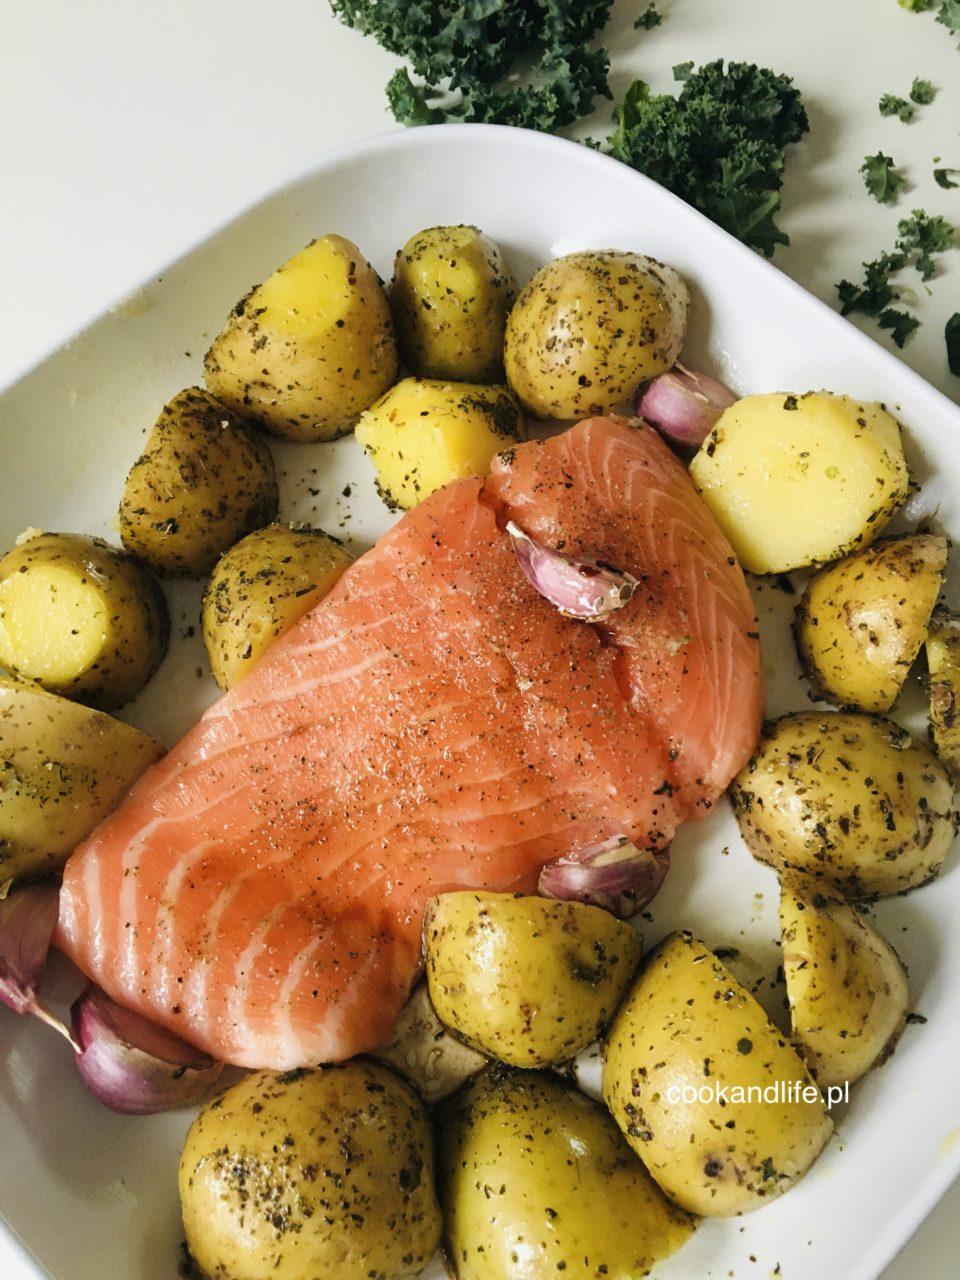 Łosoś w miodowej marynacie pieczony z ziemniakami - przepis